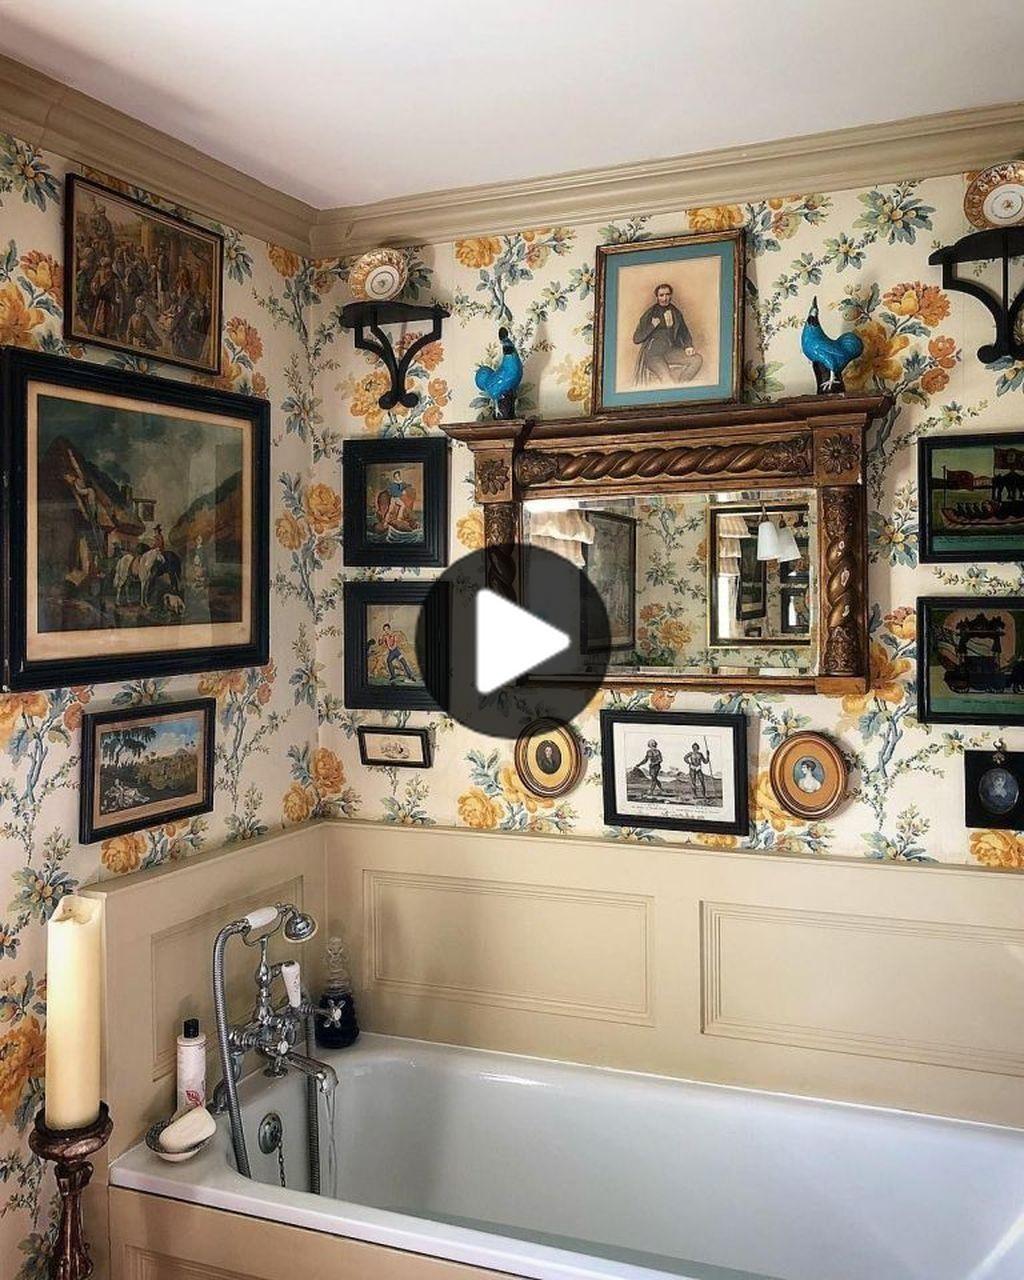 ミラーはあなたの浴室をaccessorizingの素晴らしい方法です これは 彼らがに与える絶妙な優雅さに起因することができます Modernbathroom In 2020 Bathroom Wall Decor Bathtub Decor Bathrooms Remodel